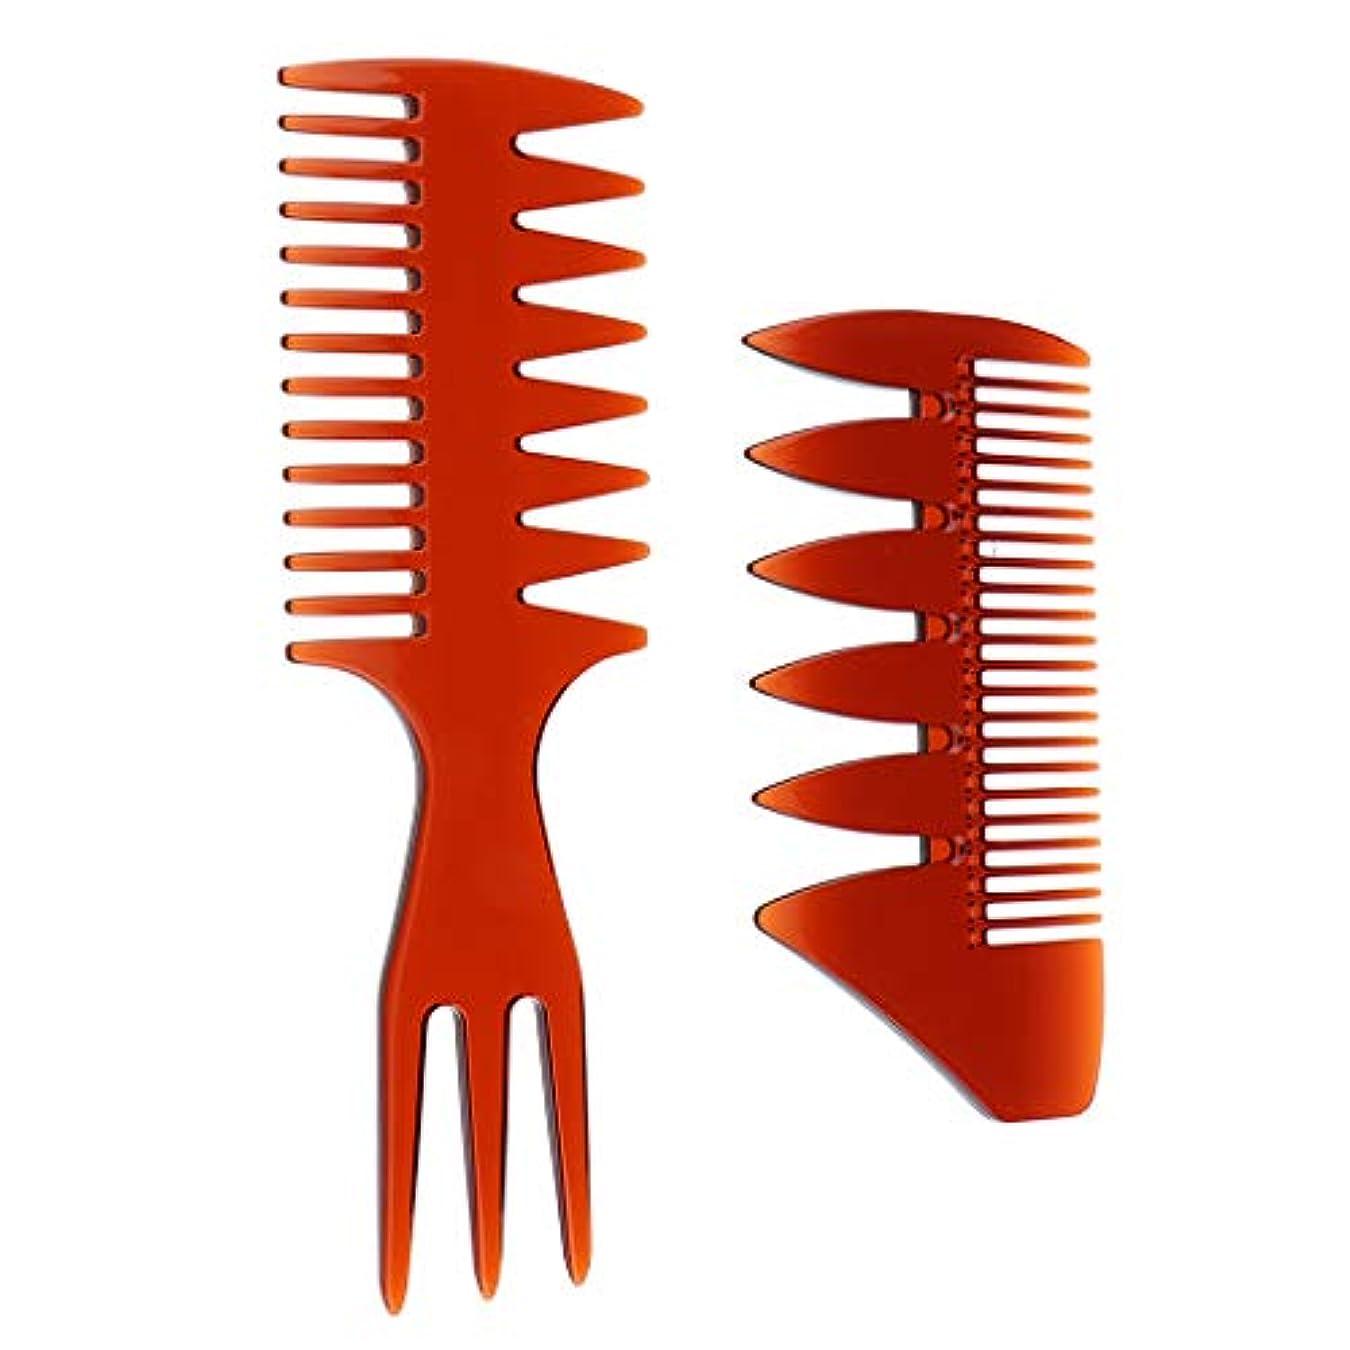 逆さまにマット申請中B Blesiya 2スタイル ヘアブラシ ヘアスタイリング ヘアコーム プロ 美容師